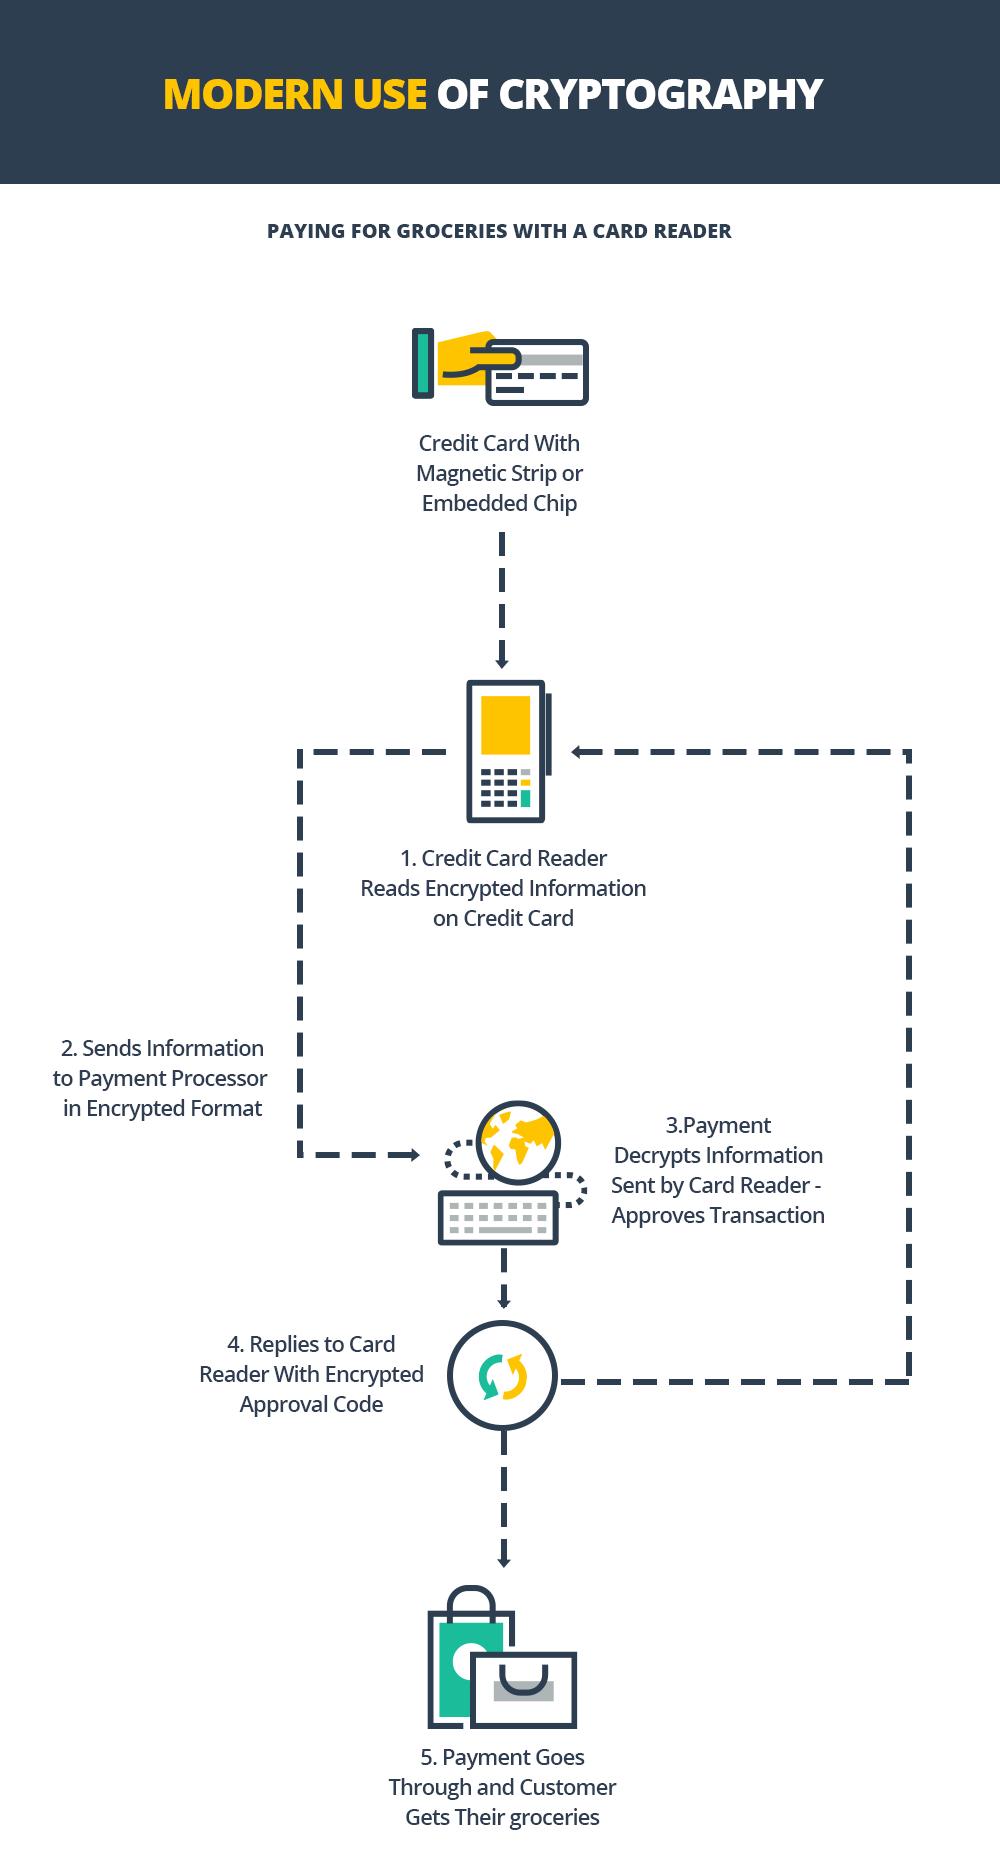 kriptogrāfijas valūtas tirdzniecība mums, tirgotājiem kriptonauda ievieš brokeru programmu